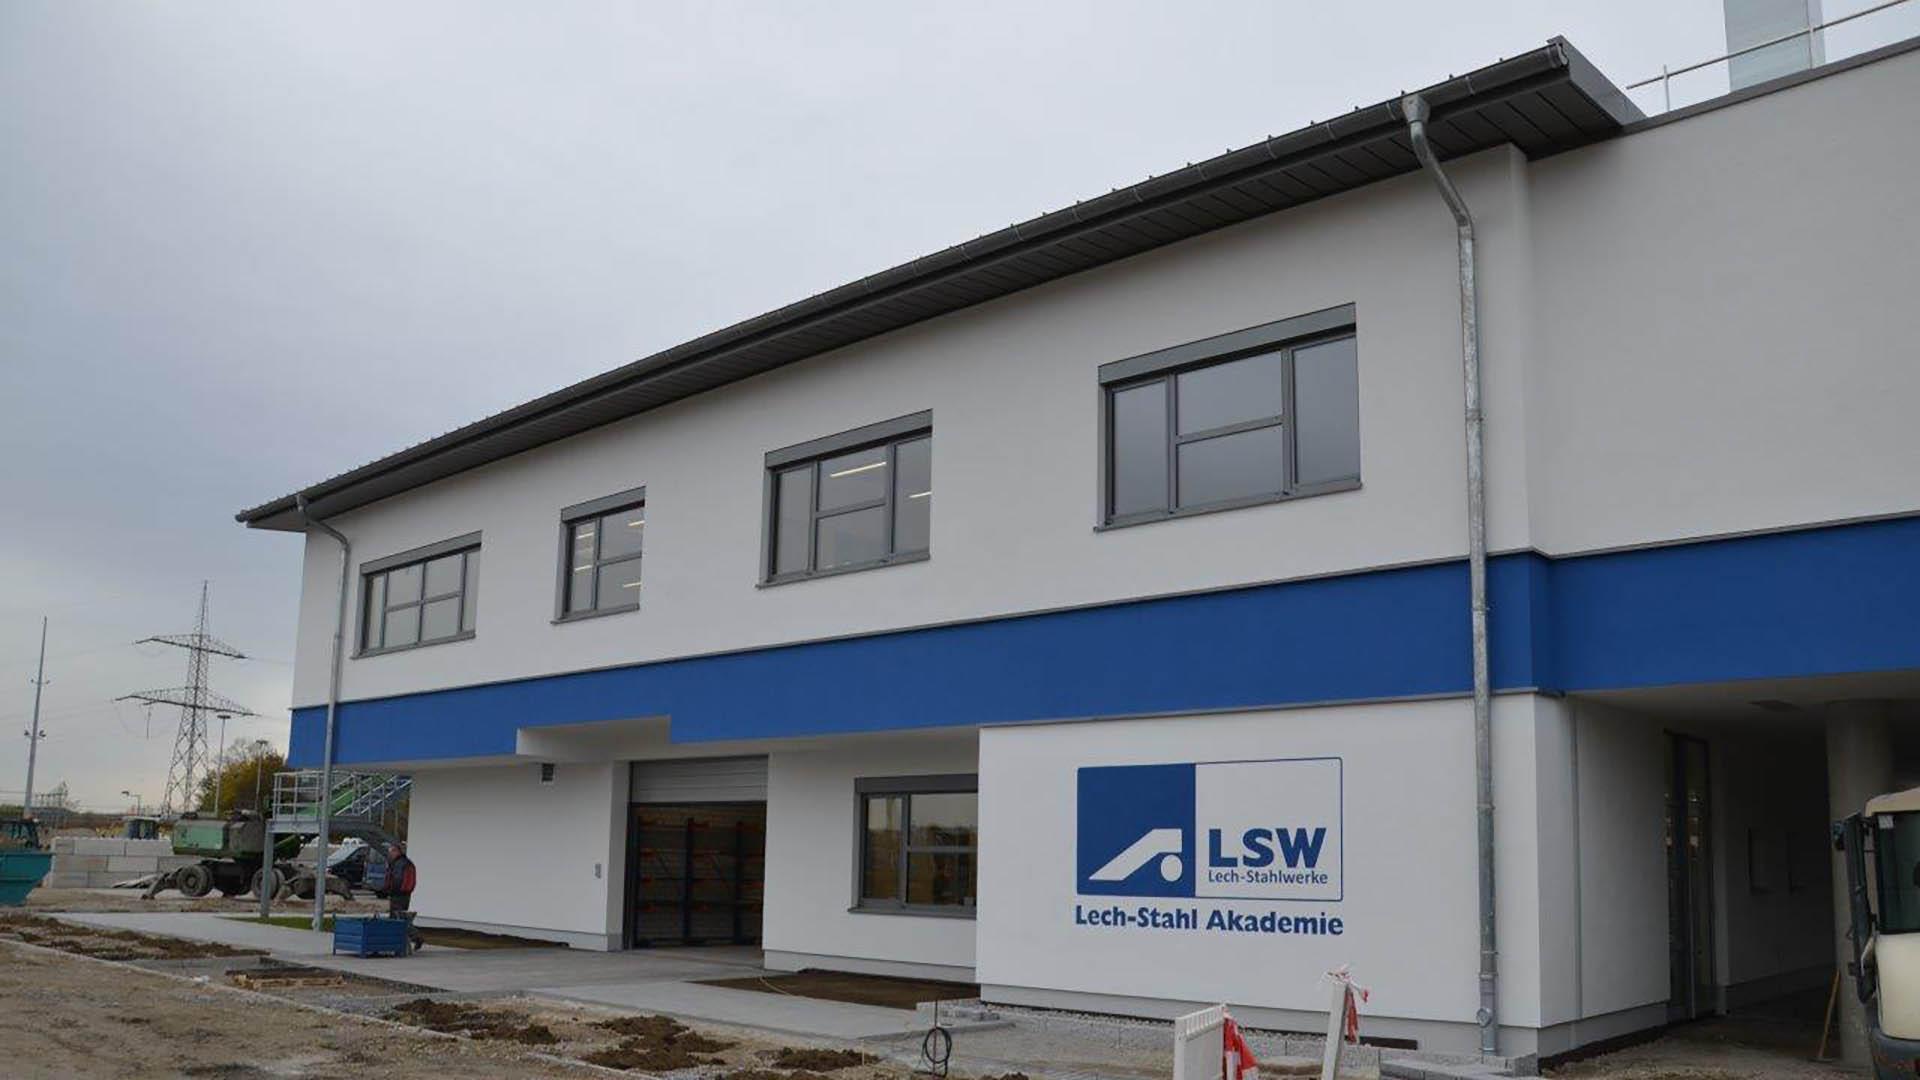 Ausbildungszentrum - LSW